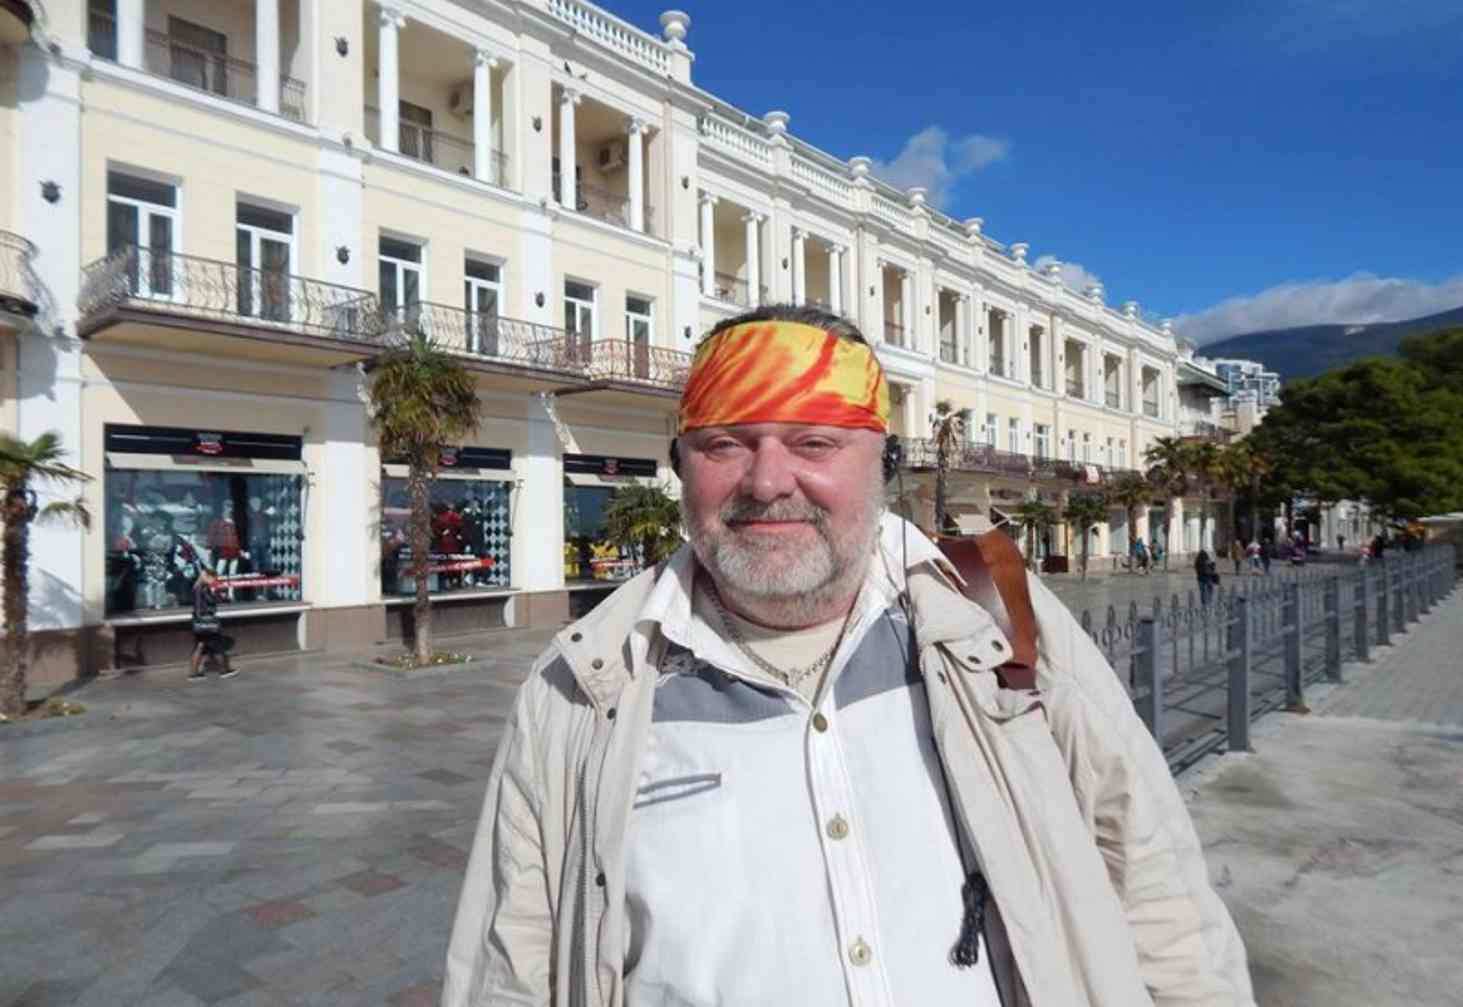 pedagog-eto-teper-obsluzhivayushhij-personal-izvestnyj-krymskij-uchitel-ushel-iz-shkoly-posle-35-let-raboty